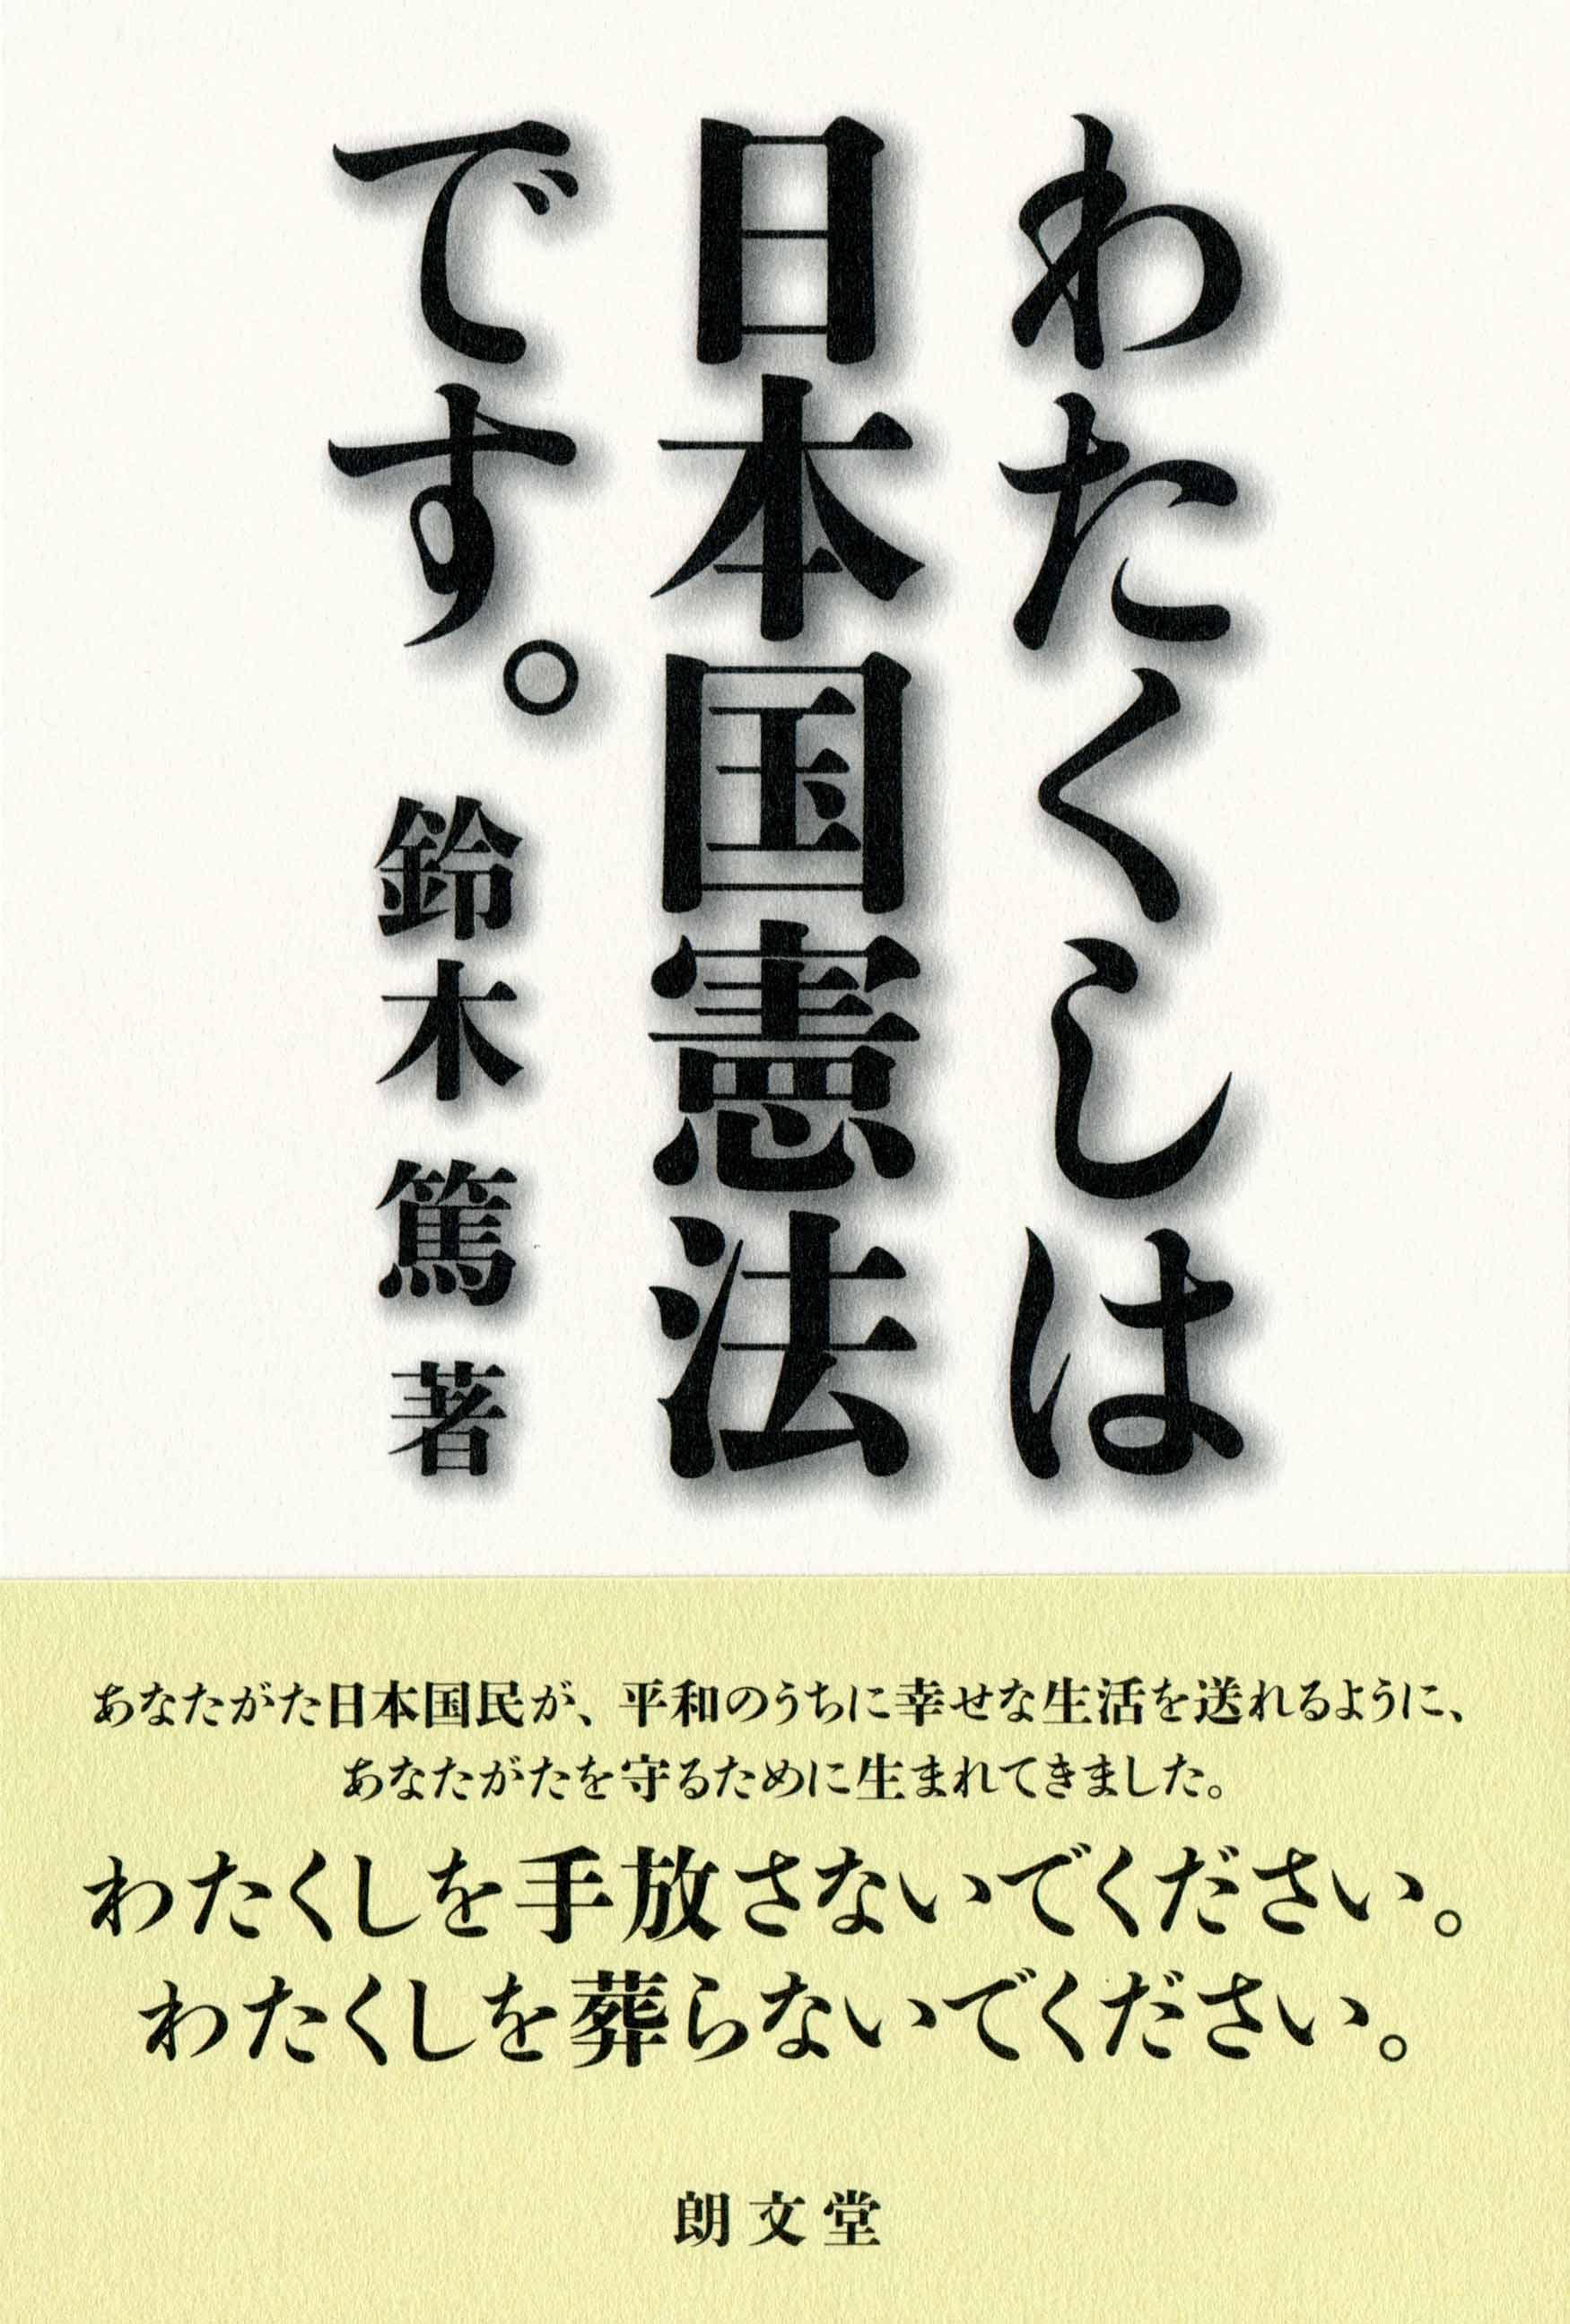 『わたくしは日本国憲法です。』